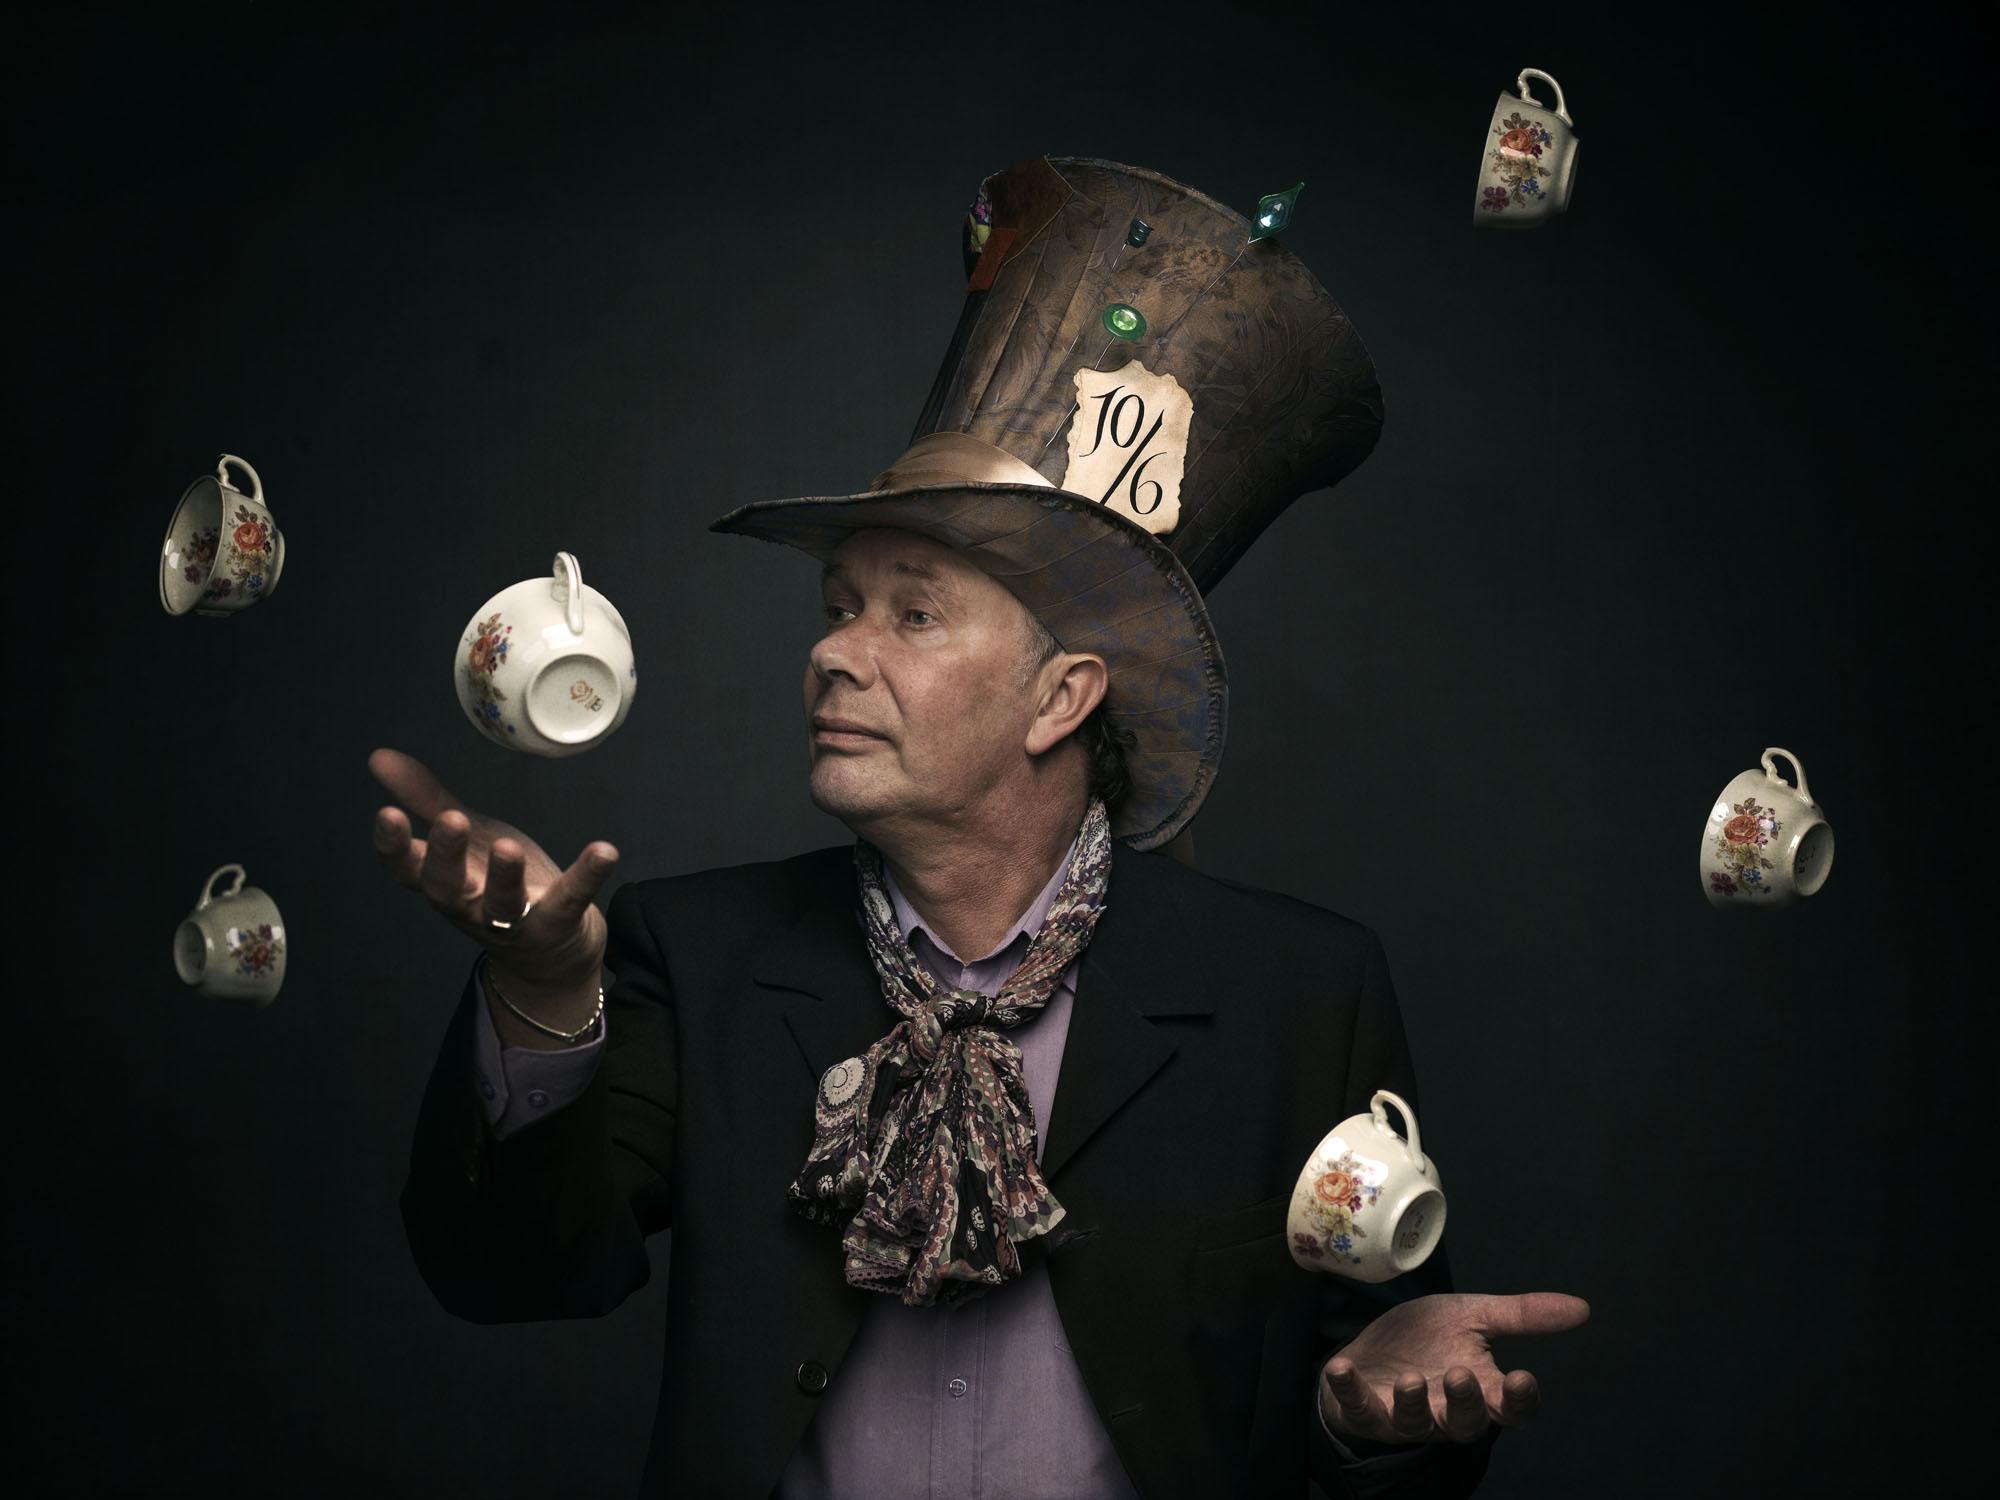 Foto van een man met hoge hoed en theekopjes om zijn hoofd